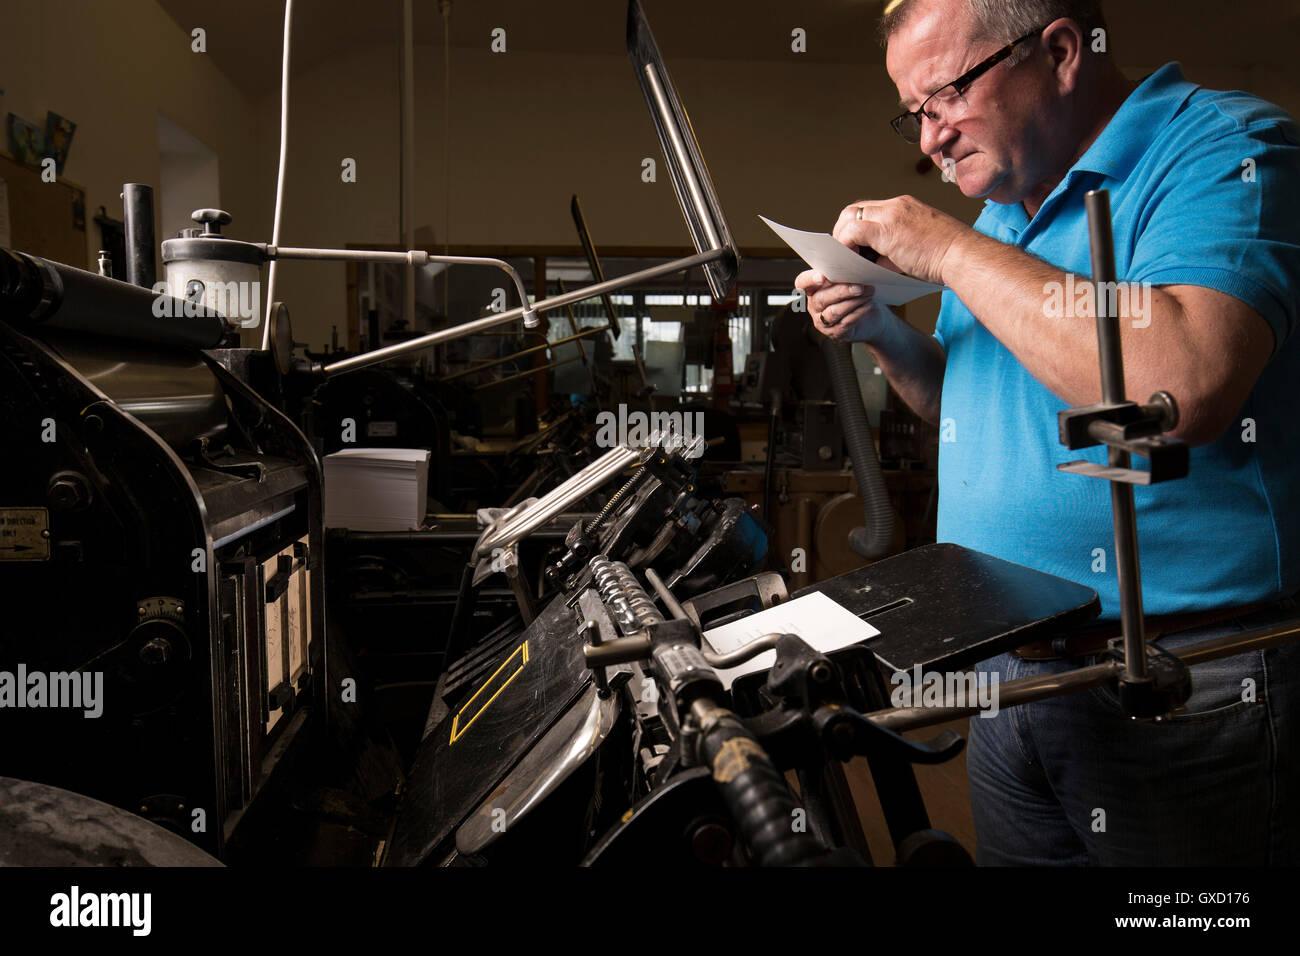 Mâle mature à l'inspection de l'imprimante pour l'impression papier impression machines dans l'atelier presse Banque D'Images